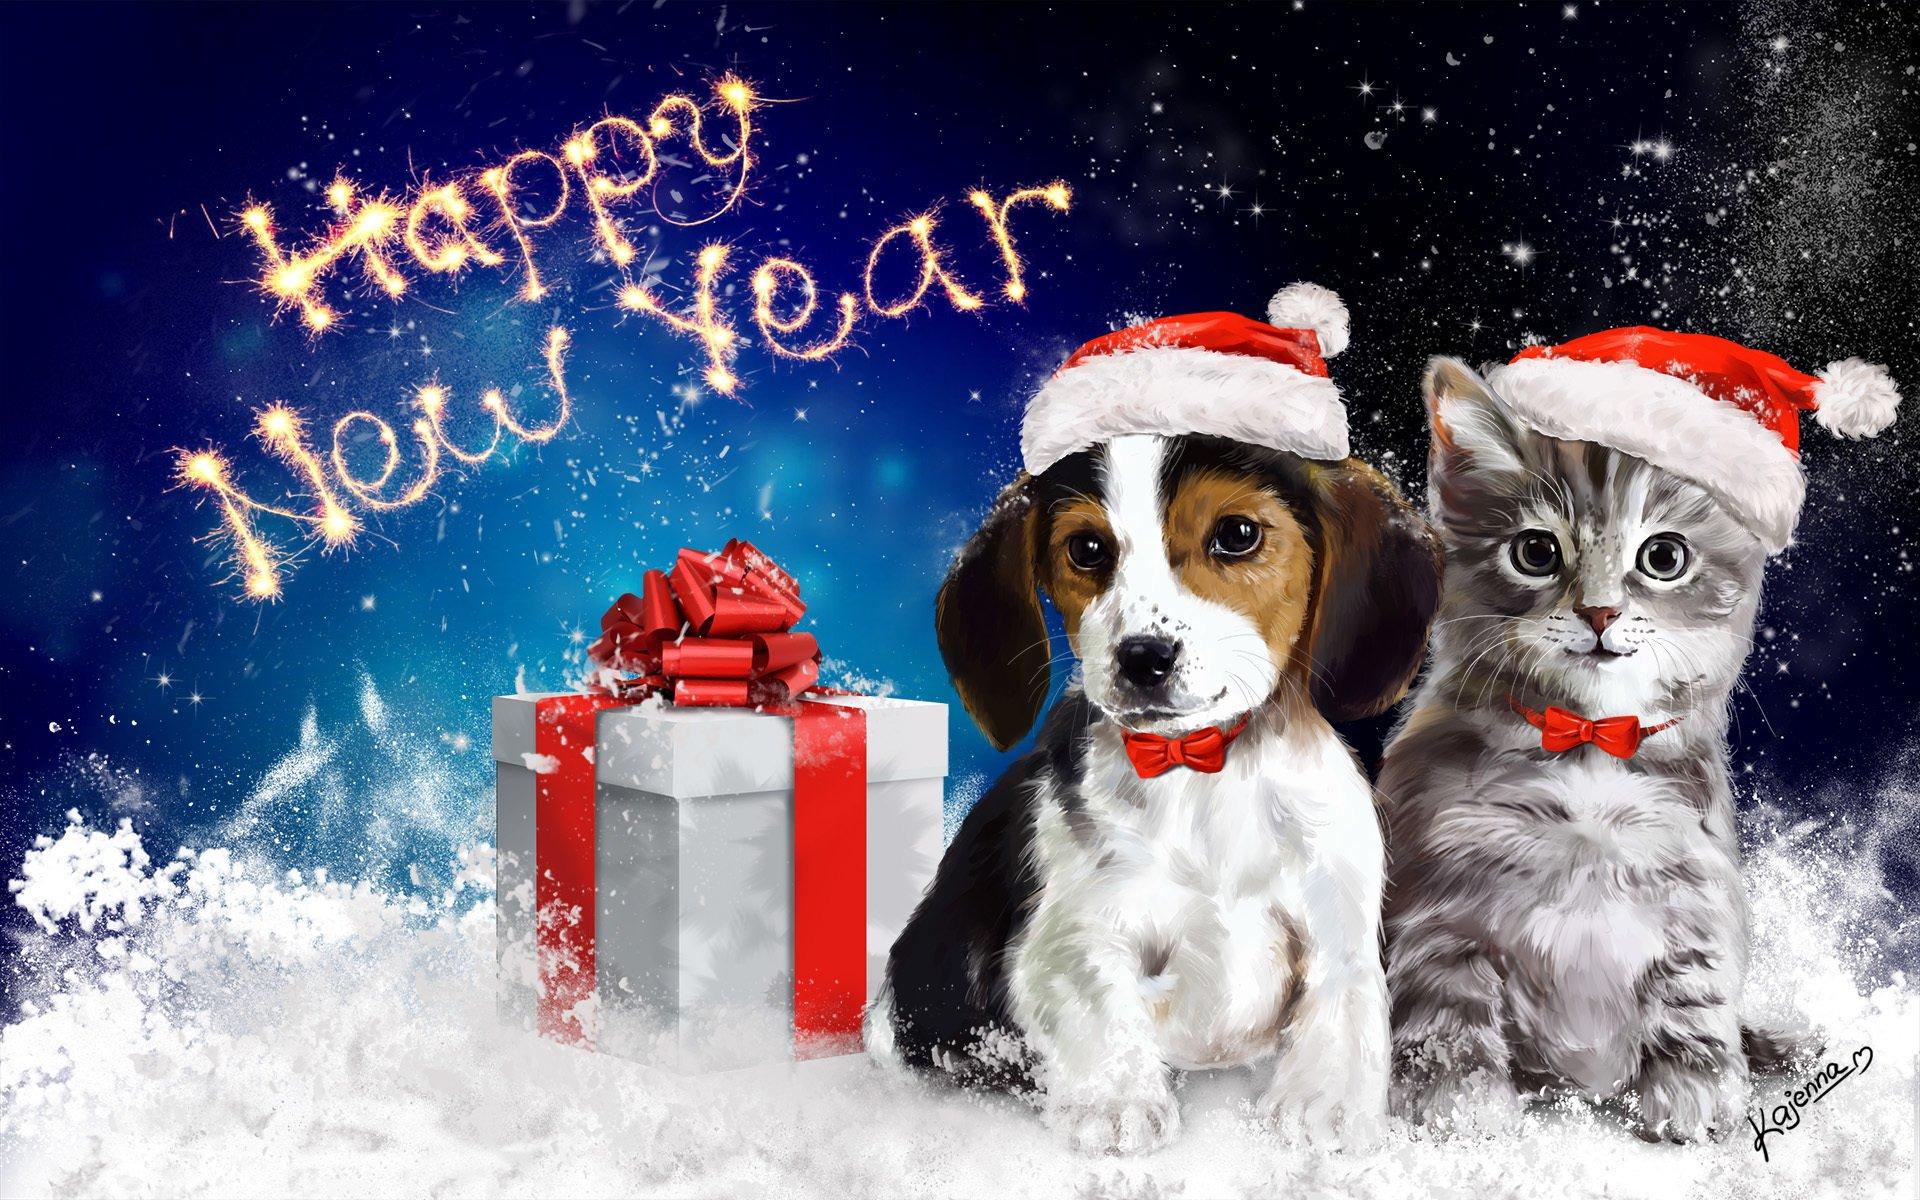 Смешная картинка, новогодняя открытка крутая